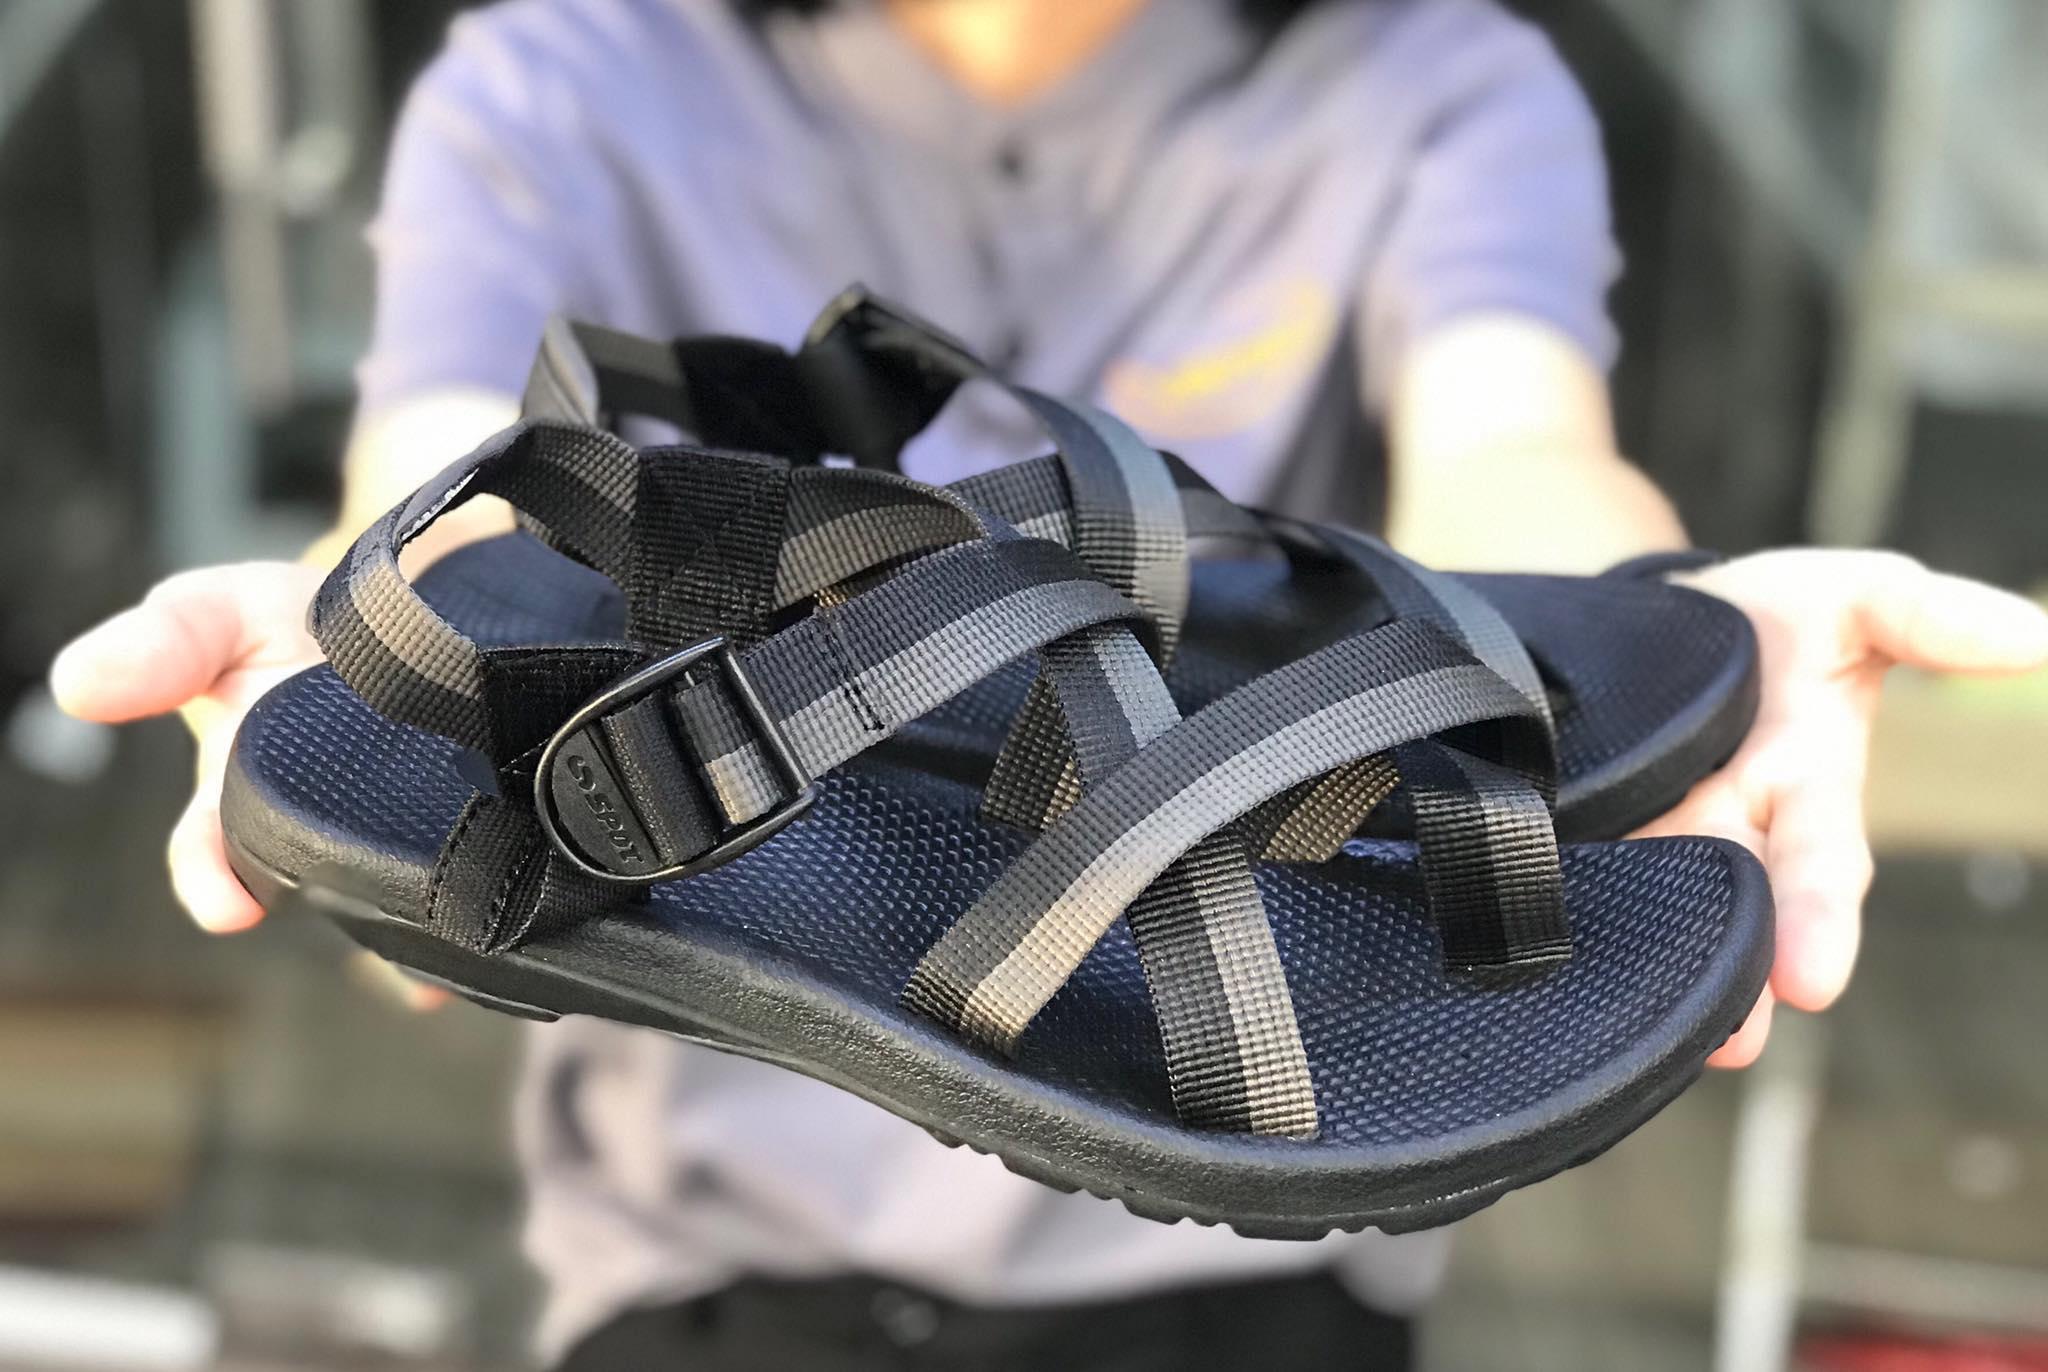 Giày Sandal Nữ Kiểu Xỏ Ngón Đế Cao 1.5cm 2